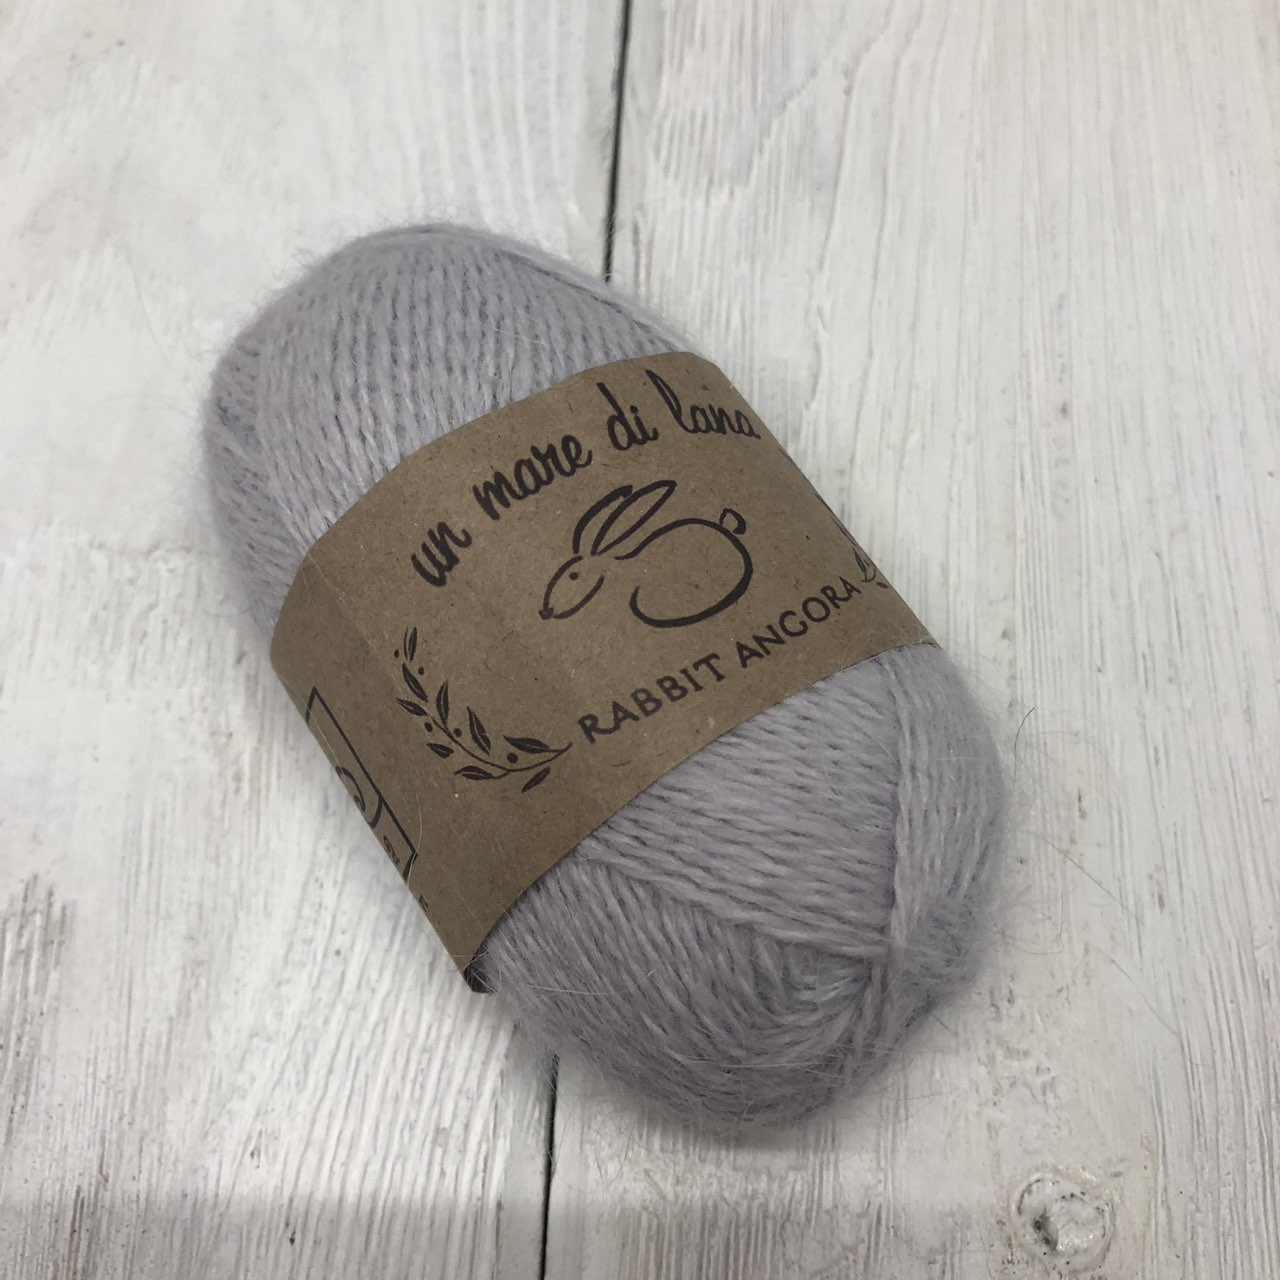 Wool Sea Rabbit Angora (вул сеа Ангора Кролик) 646 - светлая сталь купить с доставкой по Минску